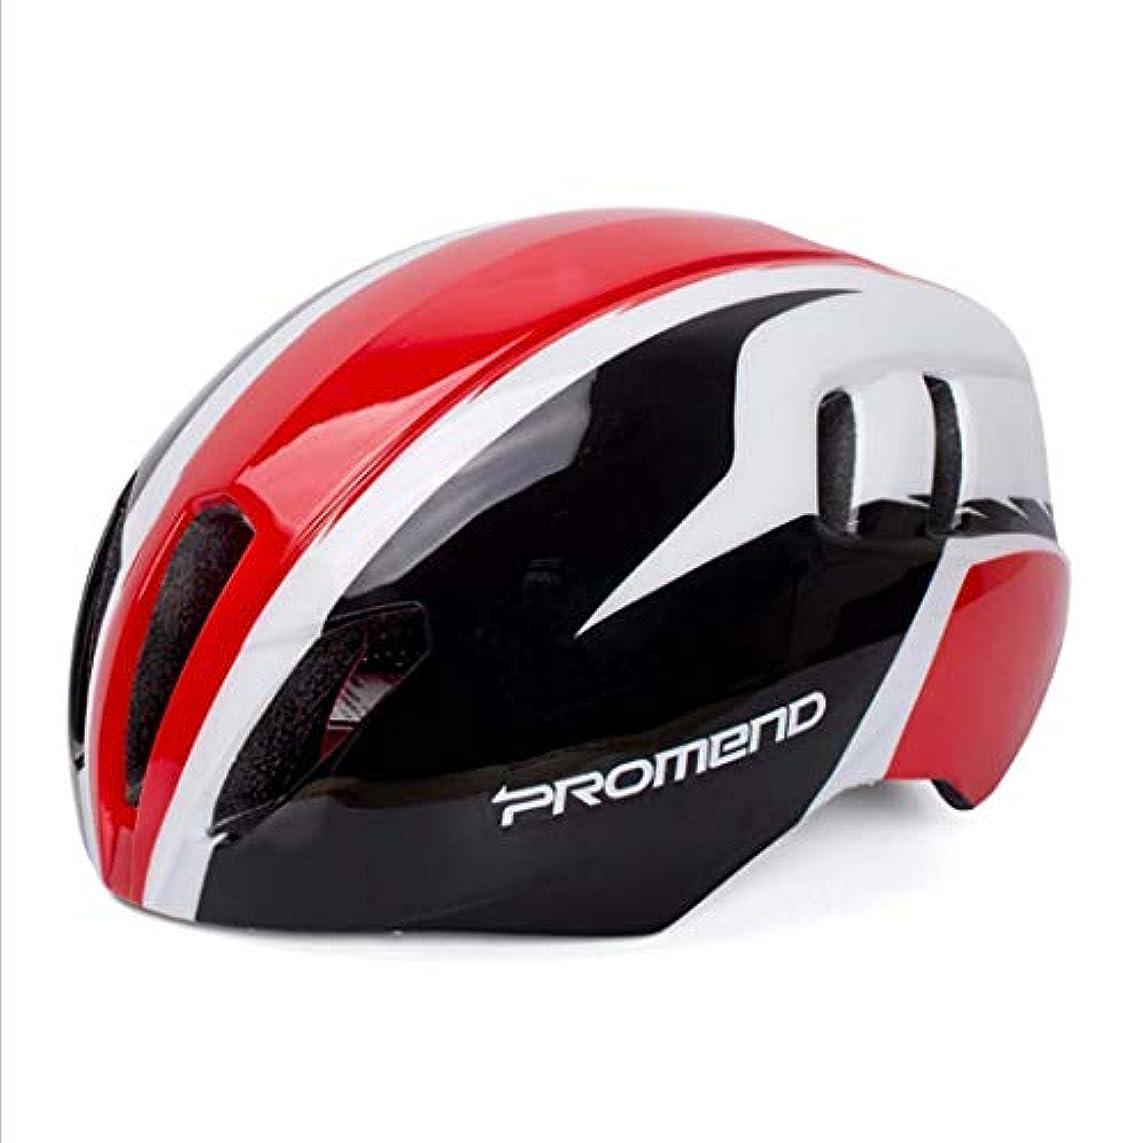 侵入する飲み込む福祉自転車ヘルメット、軽量ライディングヘルメット PC 屋外サイクリングヘルメット調整しやすいユニセックス大人スポーツヘルメット (頭囲 57-62cm)